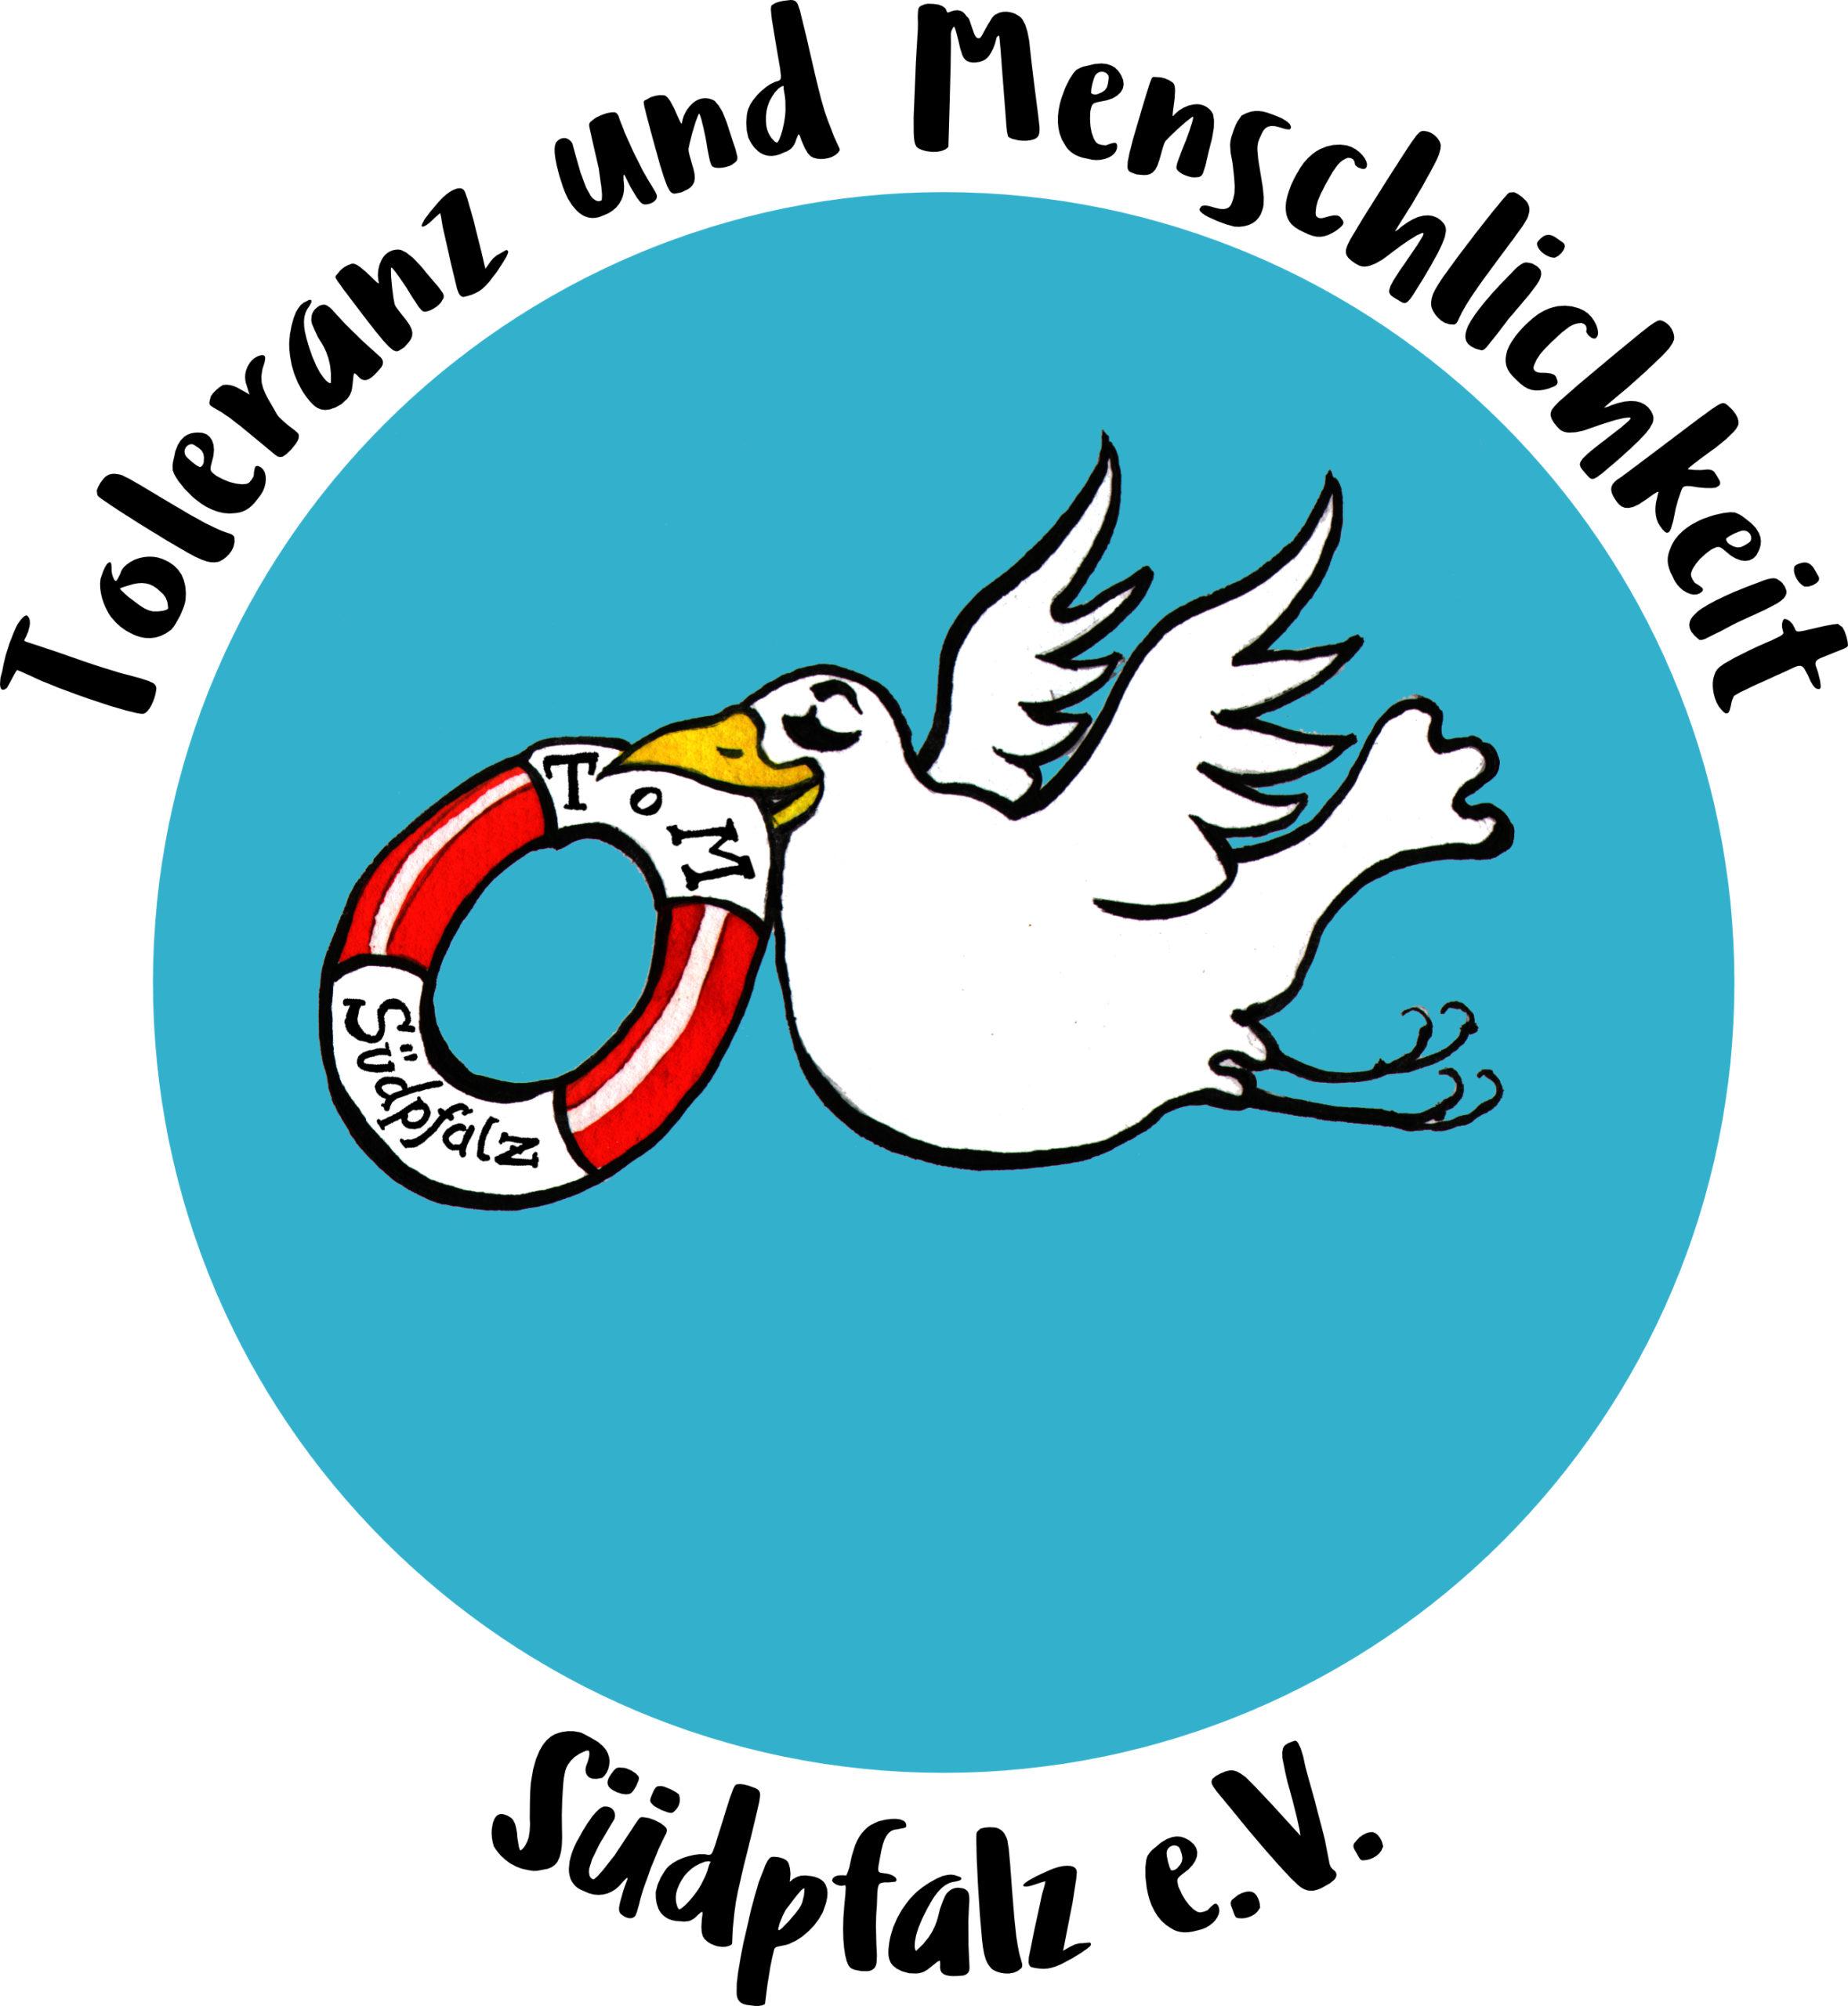 Verein für Toleranz und Menschlichkeit Südpfalz e.V.